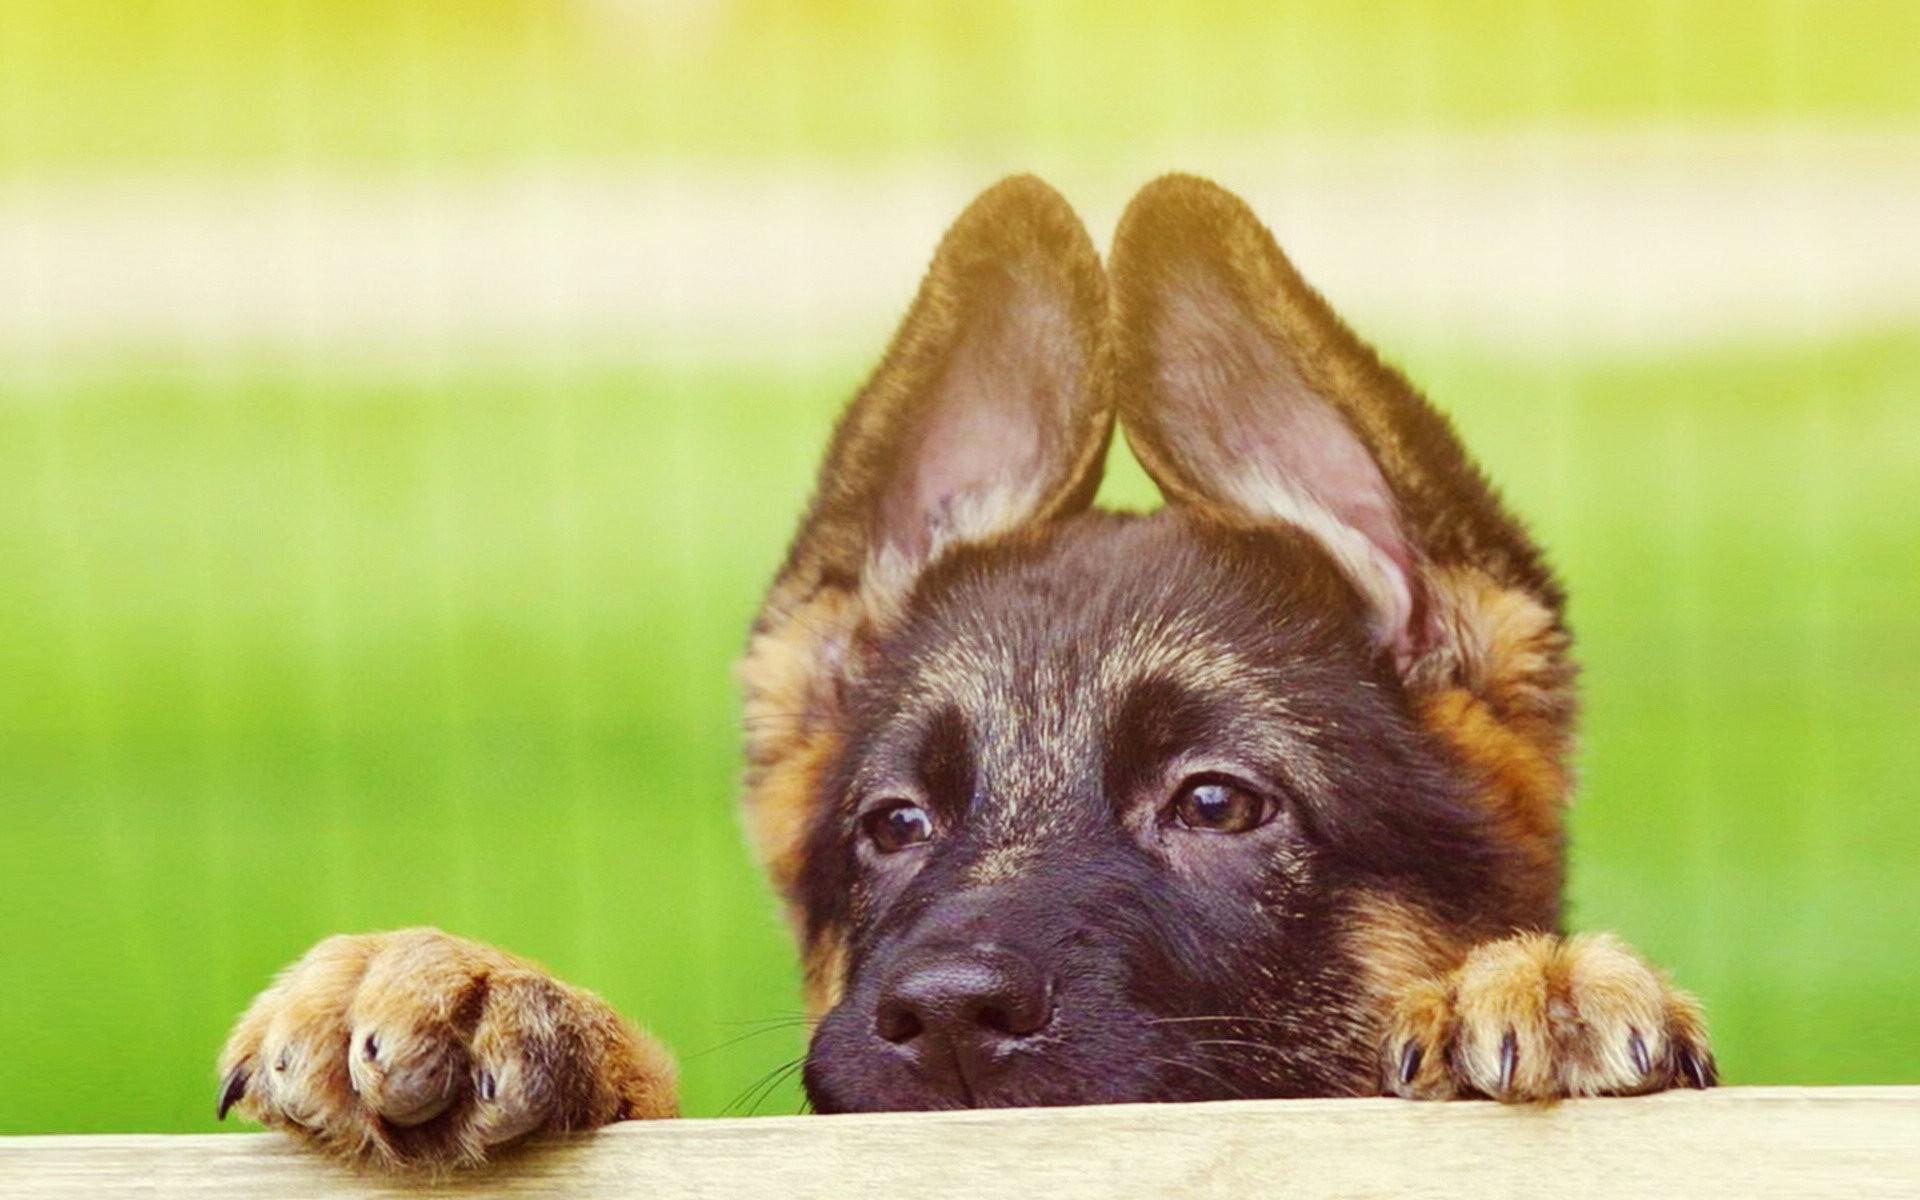 Cute German Shepherd Puppies Wallpapers High Resolution